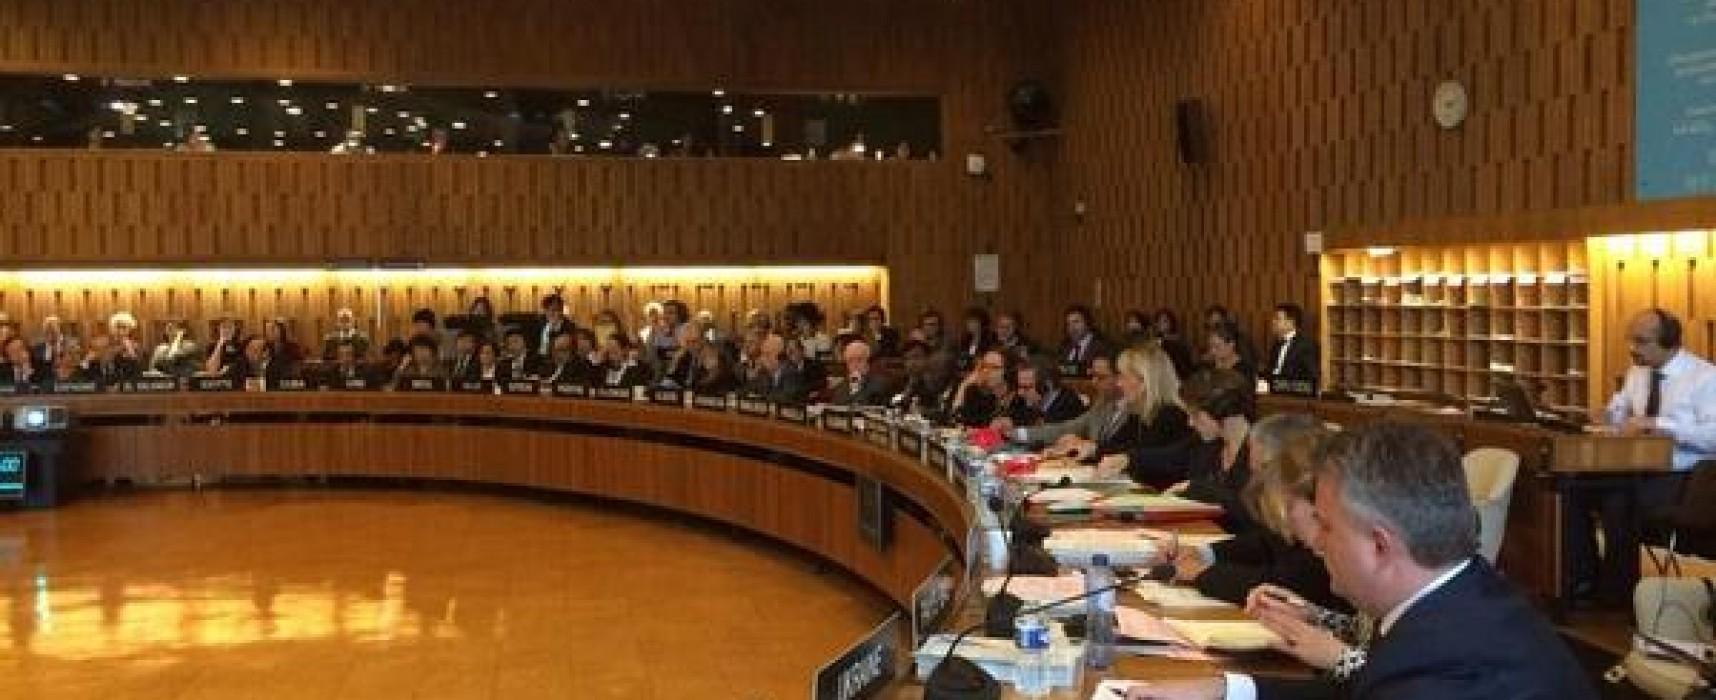 ЮНЕСКО подтвердила: Крым — украинский